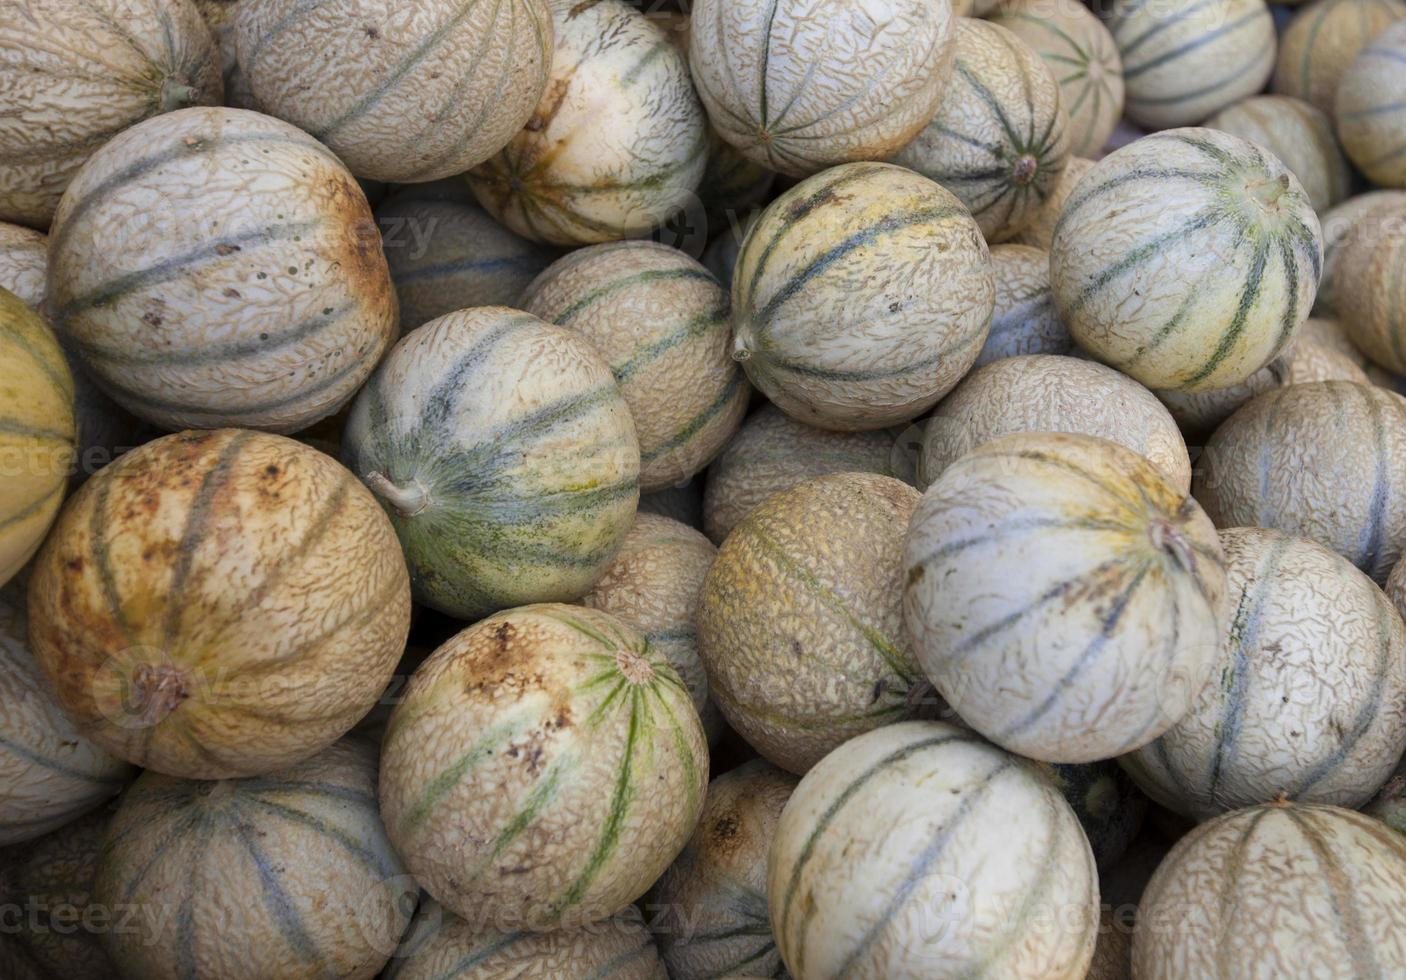 vue rapprochée des melons sur le marché photo